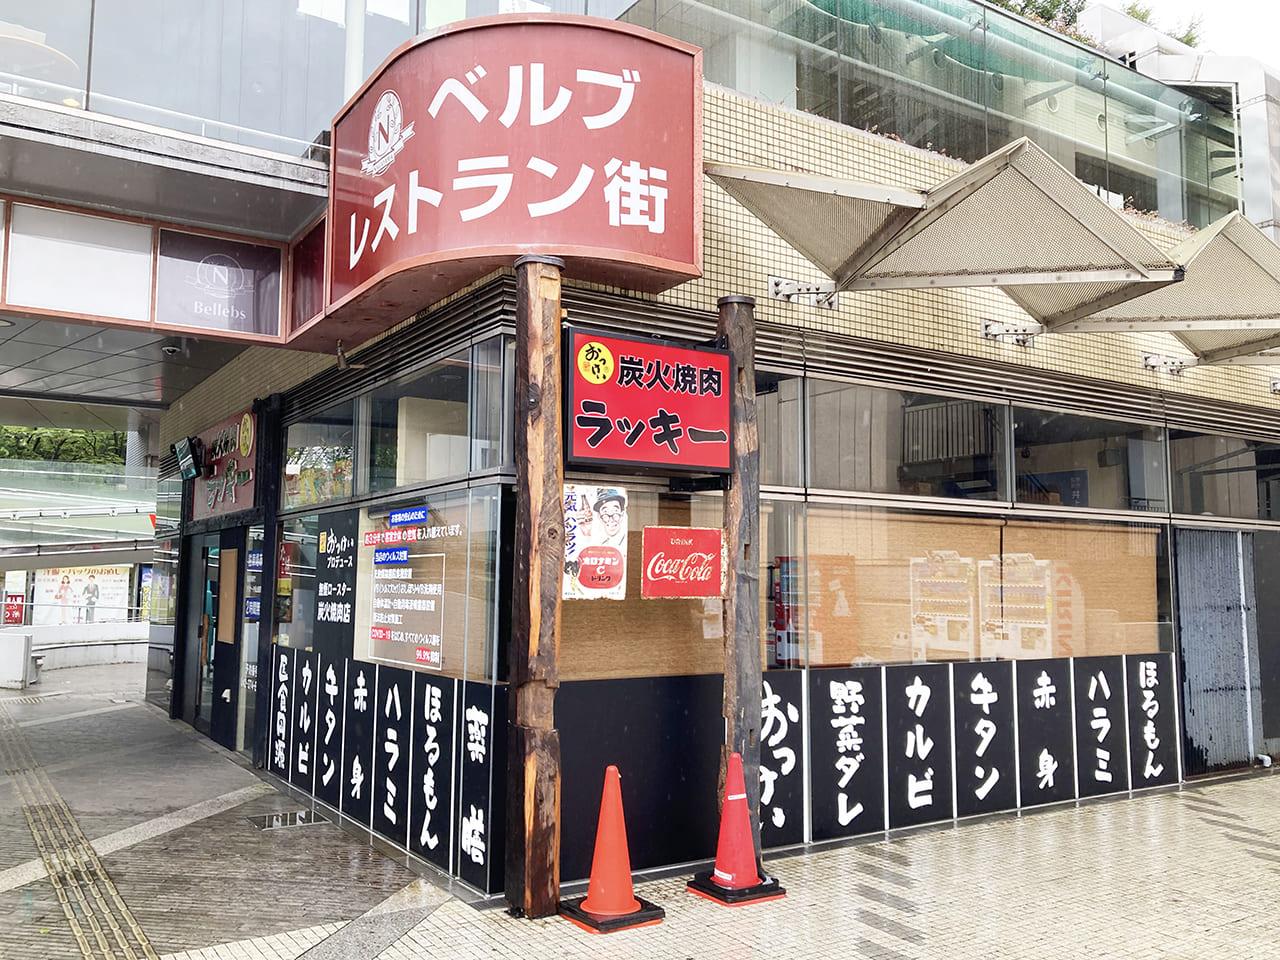 おっけい永山が閉店、9月16日オープンの焼肉ラッキーに引き継がれるそうです